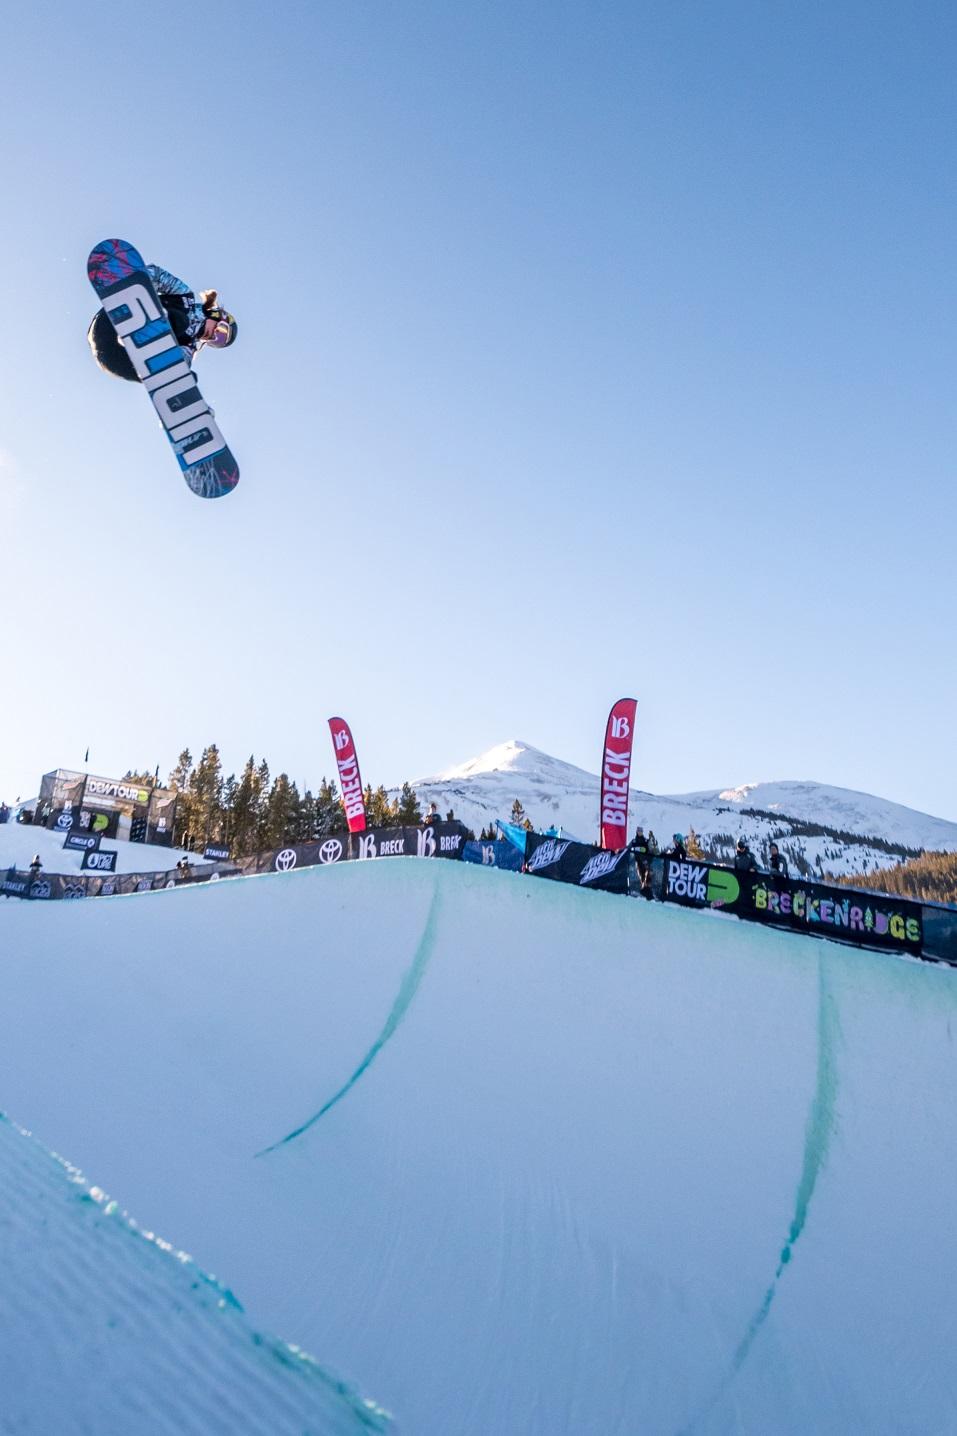 Snowboarder Arielle Gold